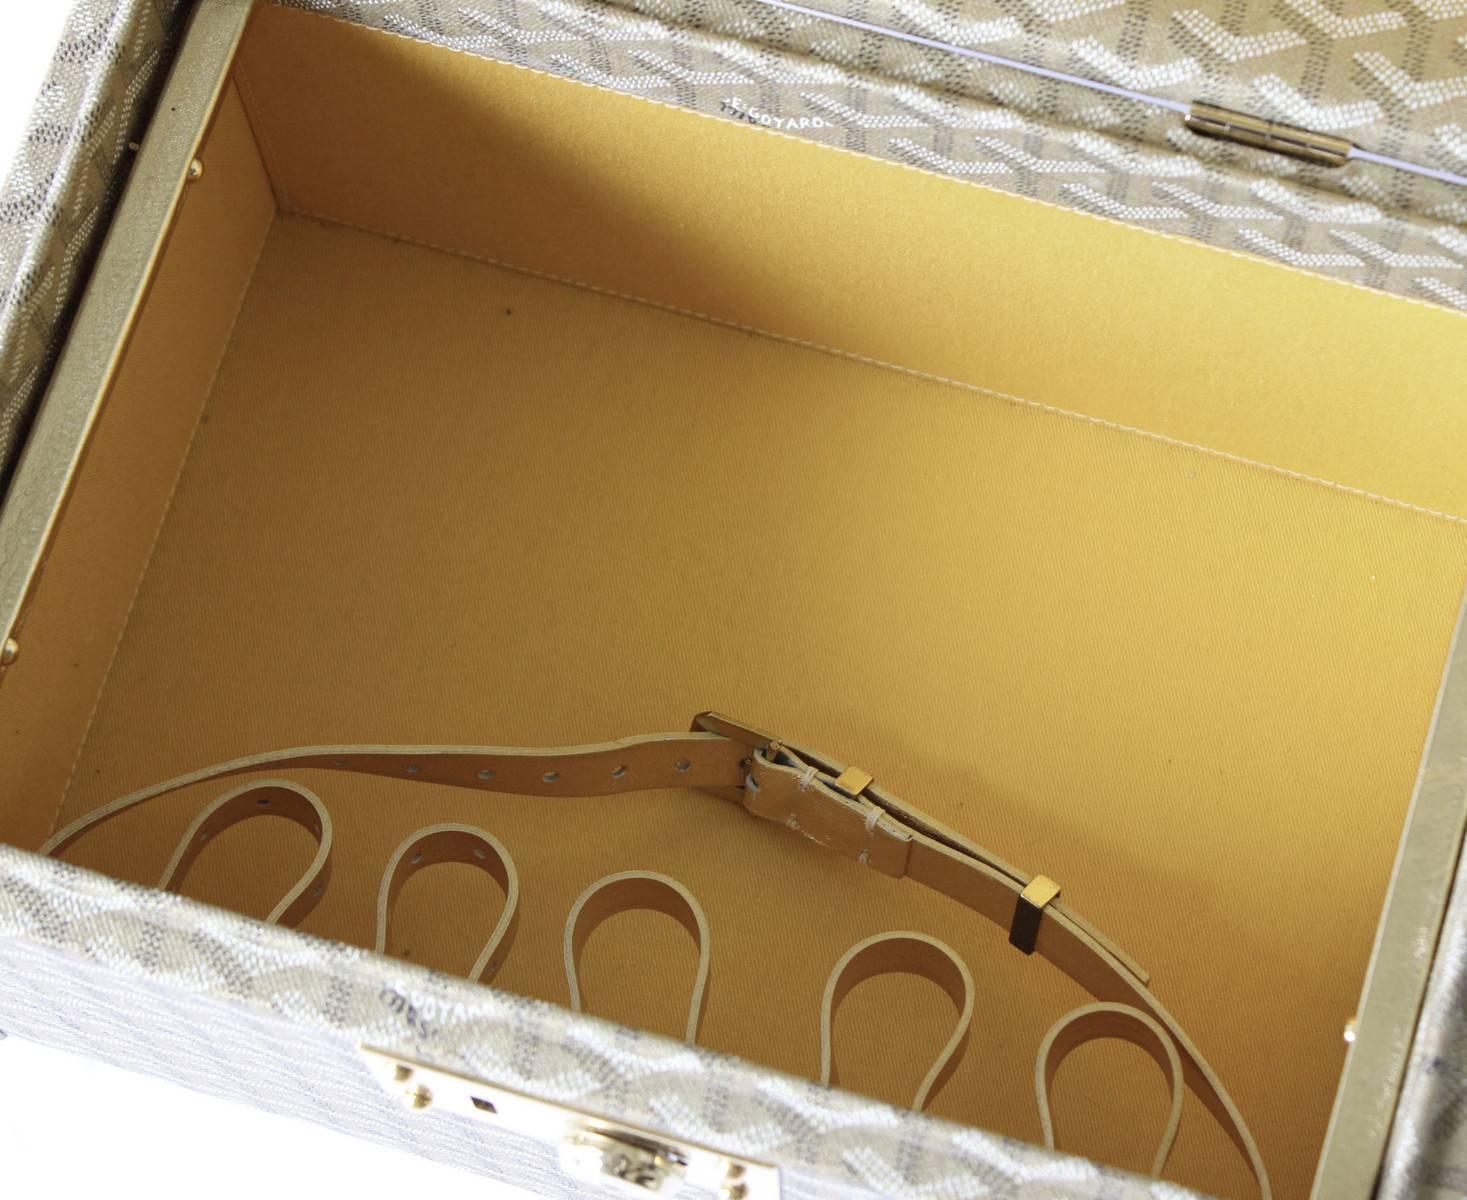 Goyard Gold Vanity Case For Sale at 1stdibs